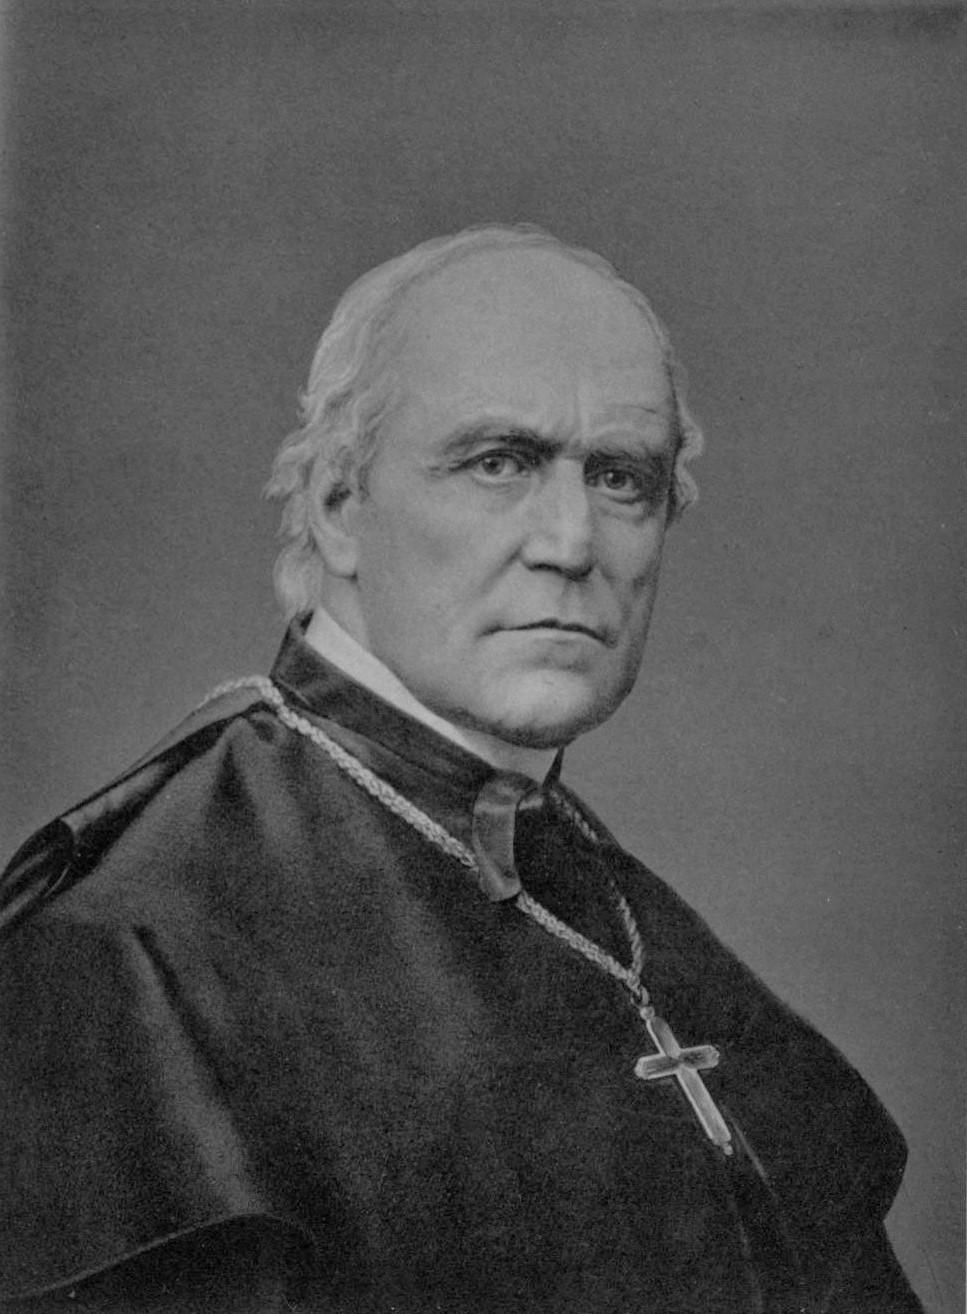 Retrato de Wilhelm Emmanuel von Ketteler, autor desconocido, anterior a 1878